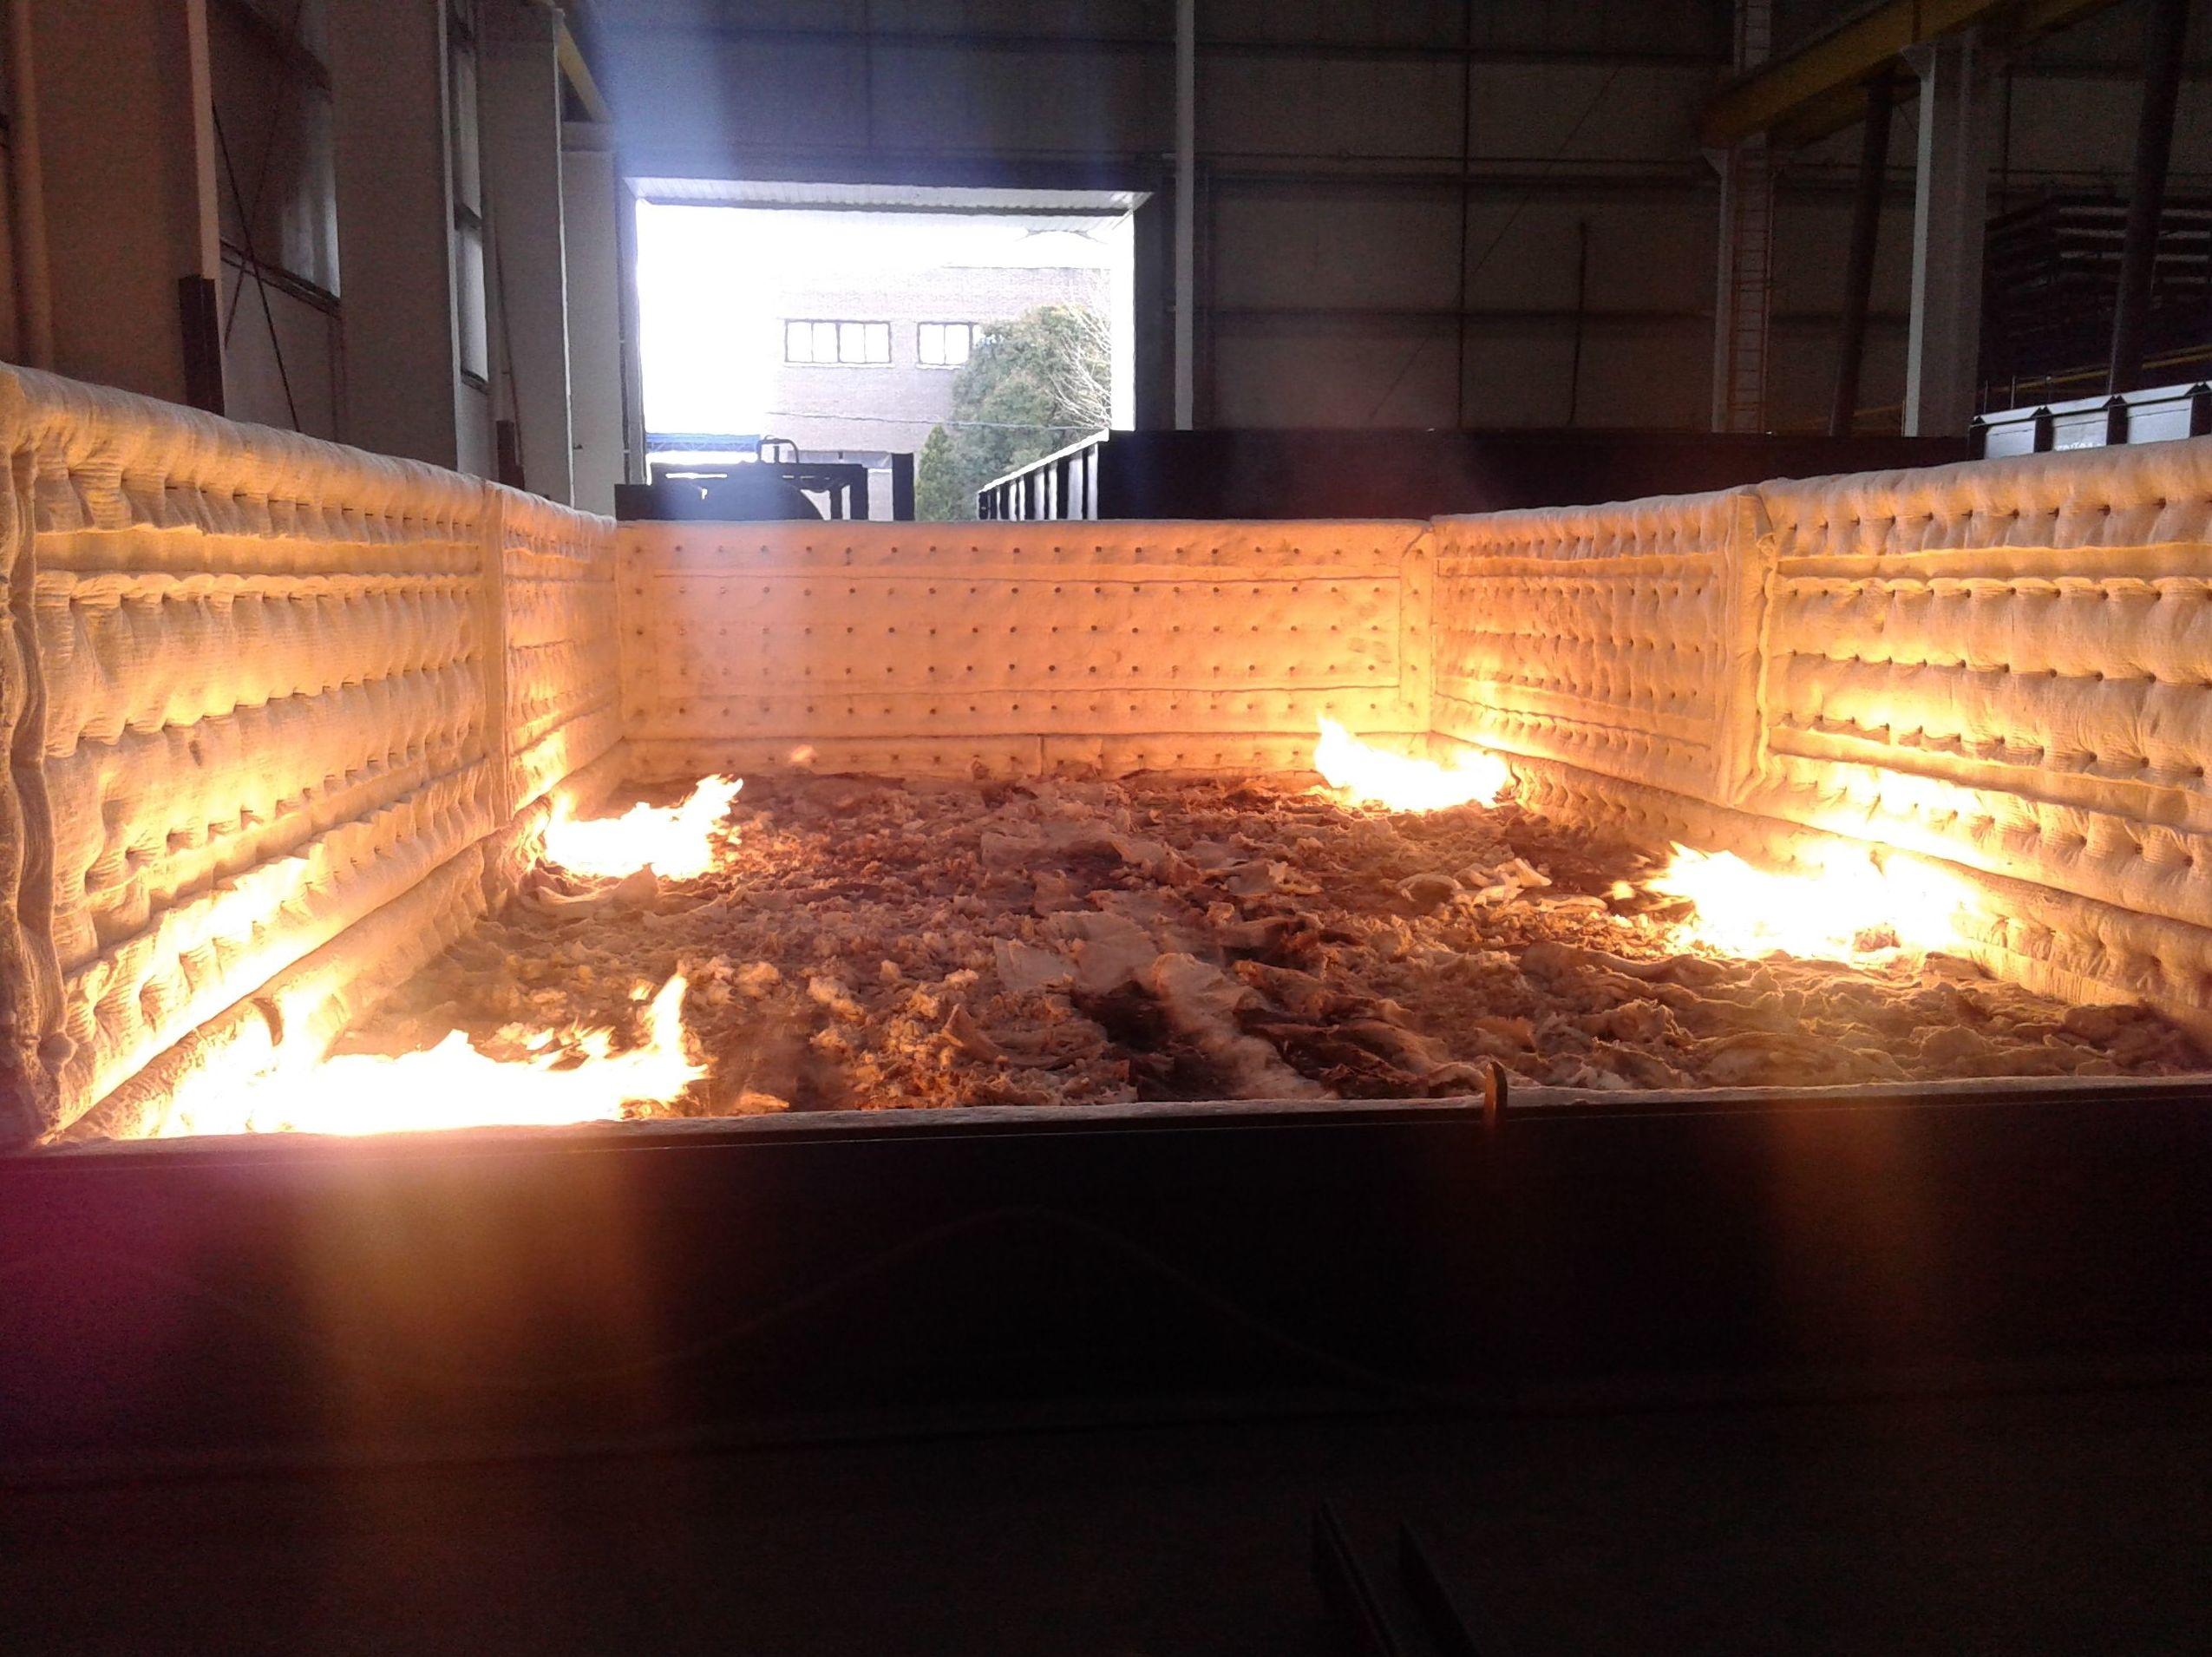 Foto 13 de Maquinaria granallado y chorreado en San Martín de la Vega | Fergoa Industrial XXI S.L